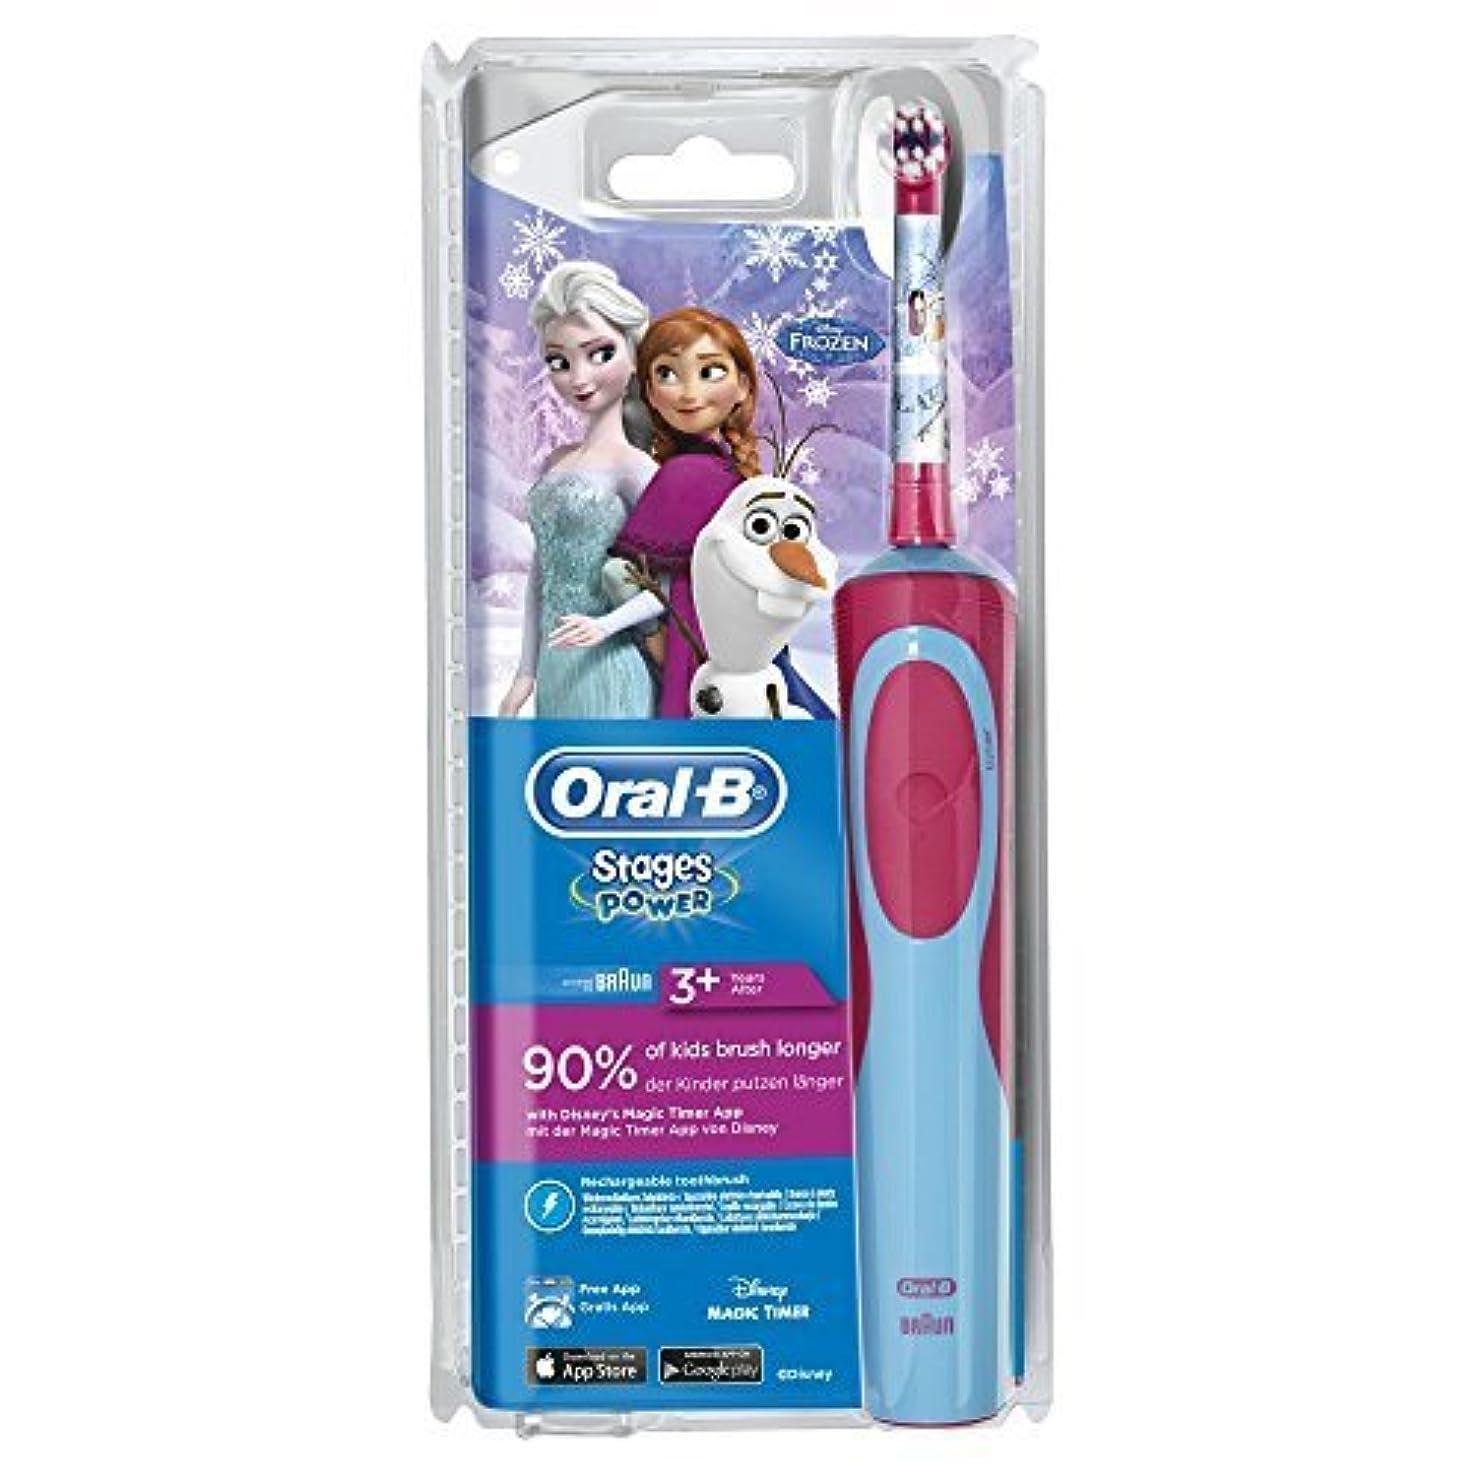 旅行者グリーンランド尽きるOral-B Stages Power Electric Toothbrush for Children 3 Years and + - Model : Frozen by Oral-B [並行輸入品]